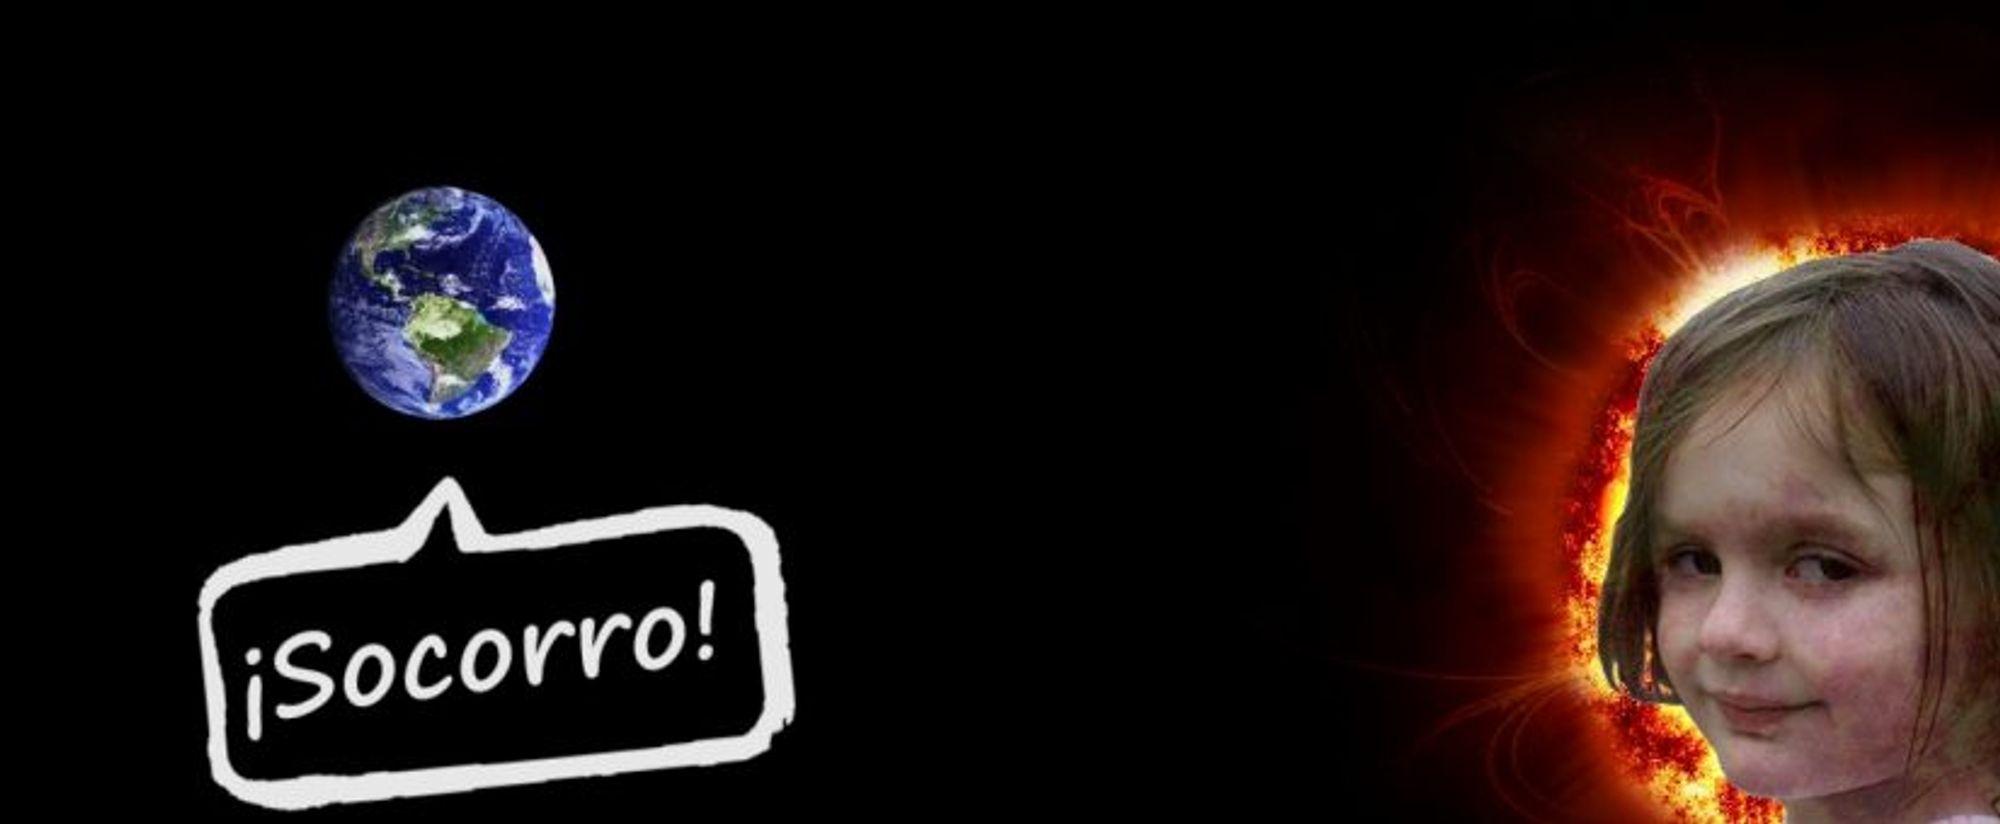 Sol-asesino-portada-2-825x340.jpg